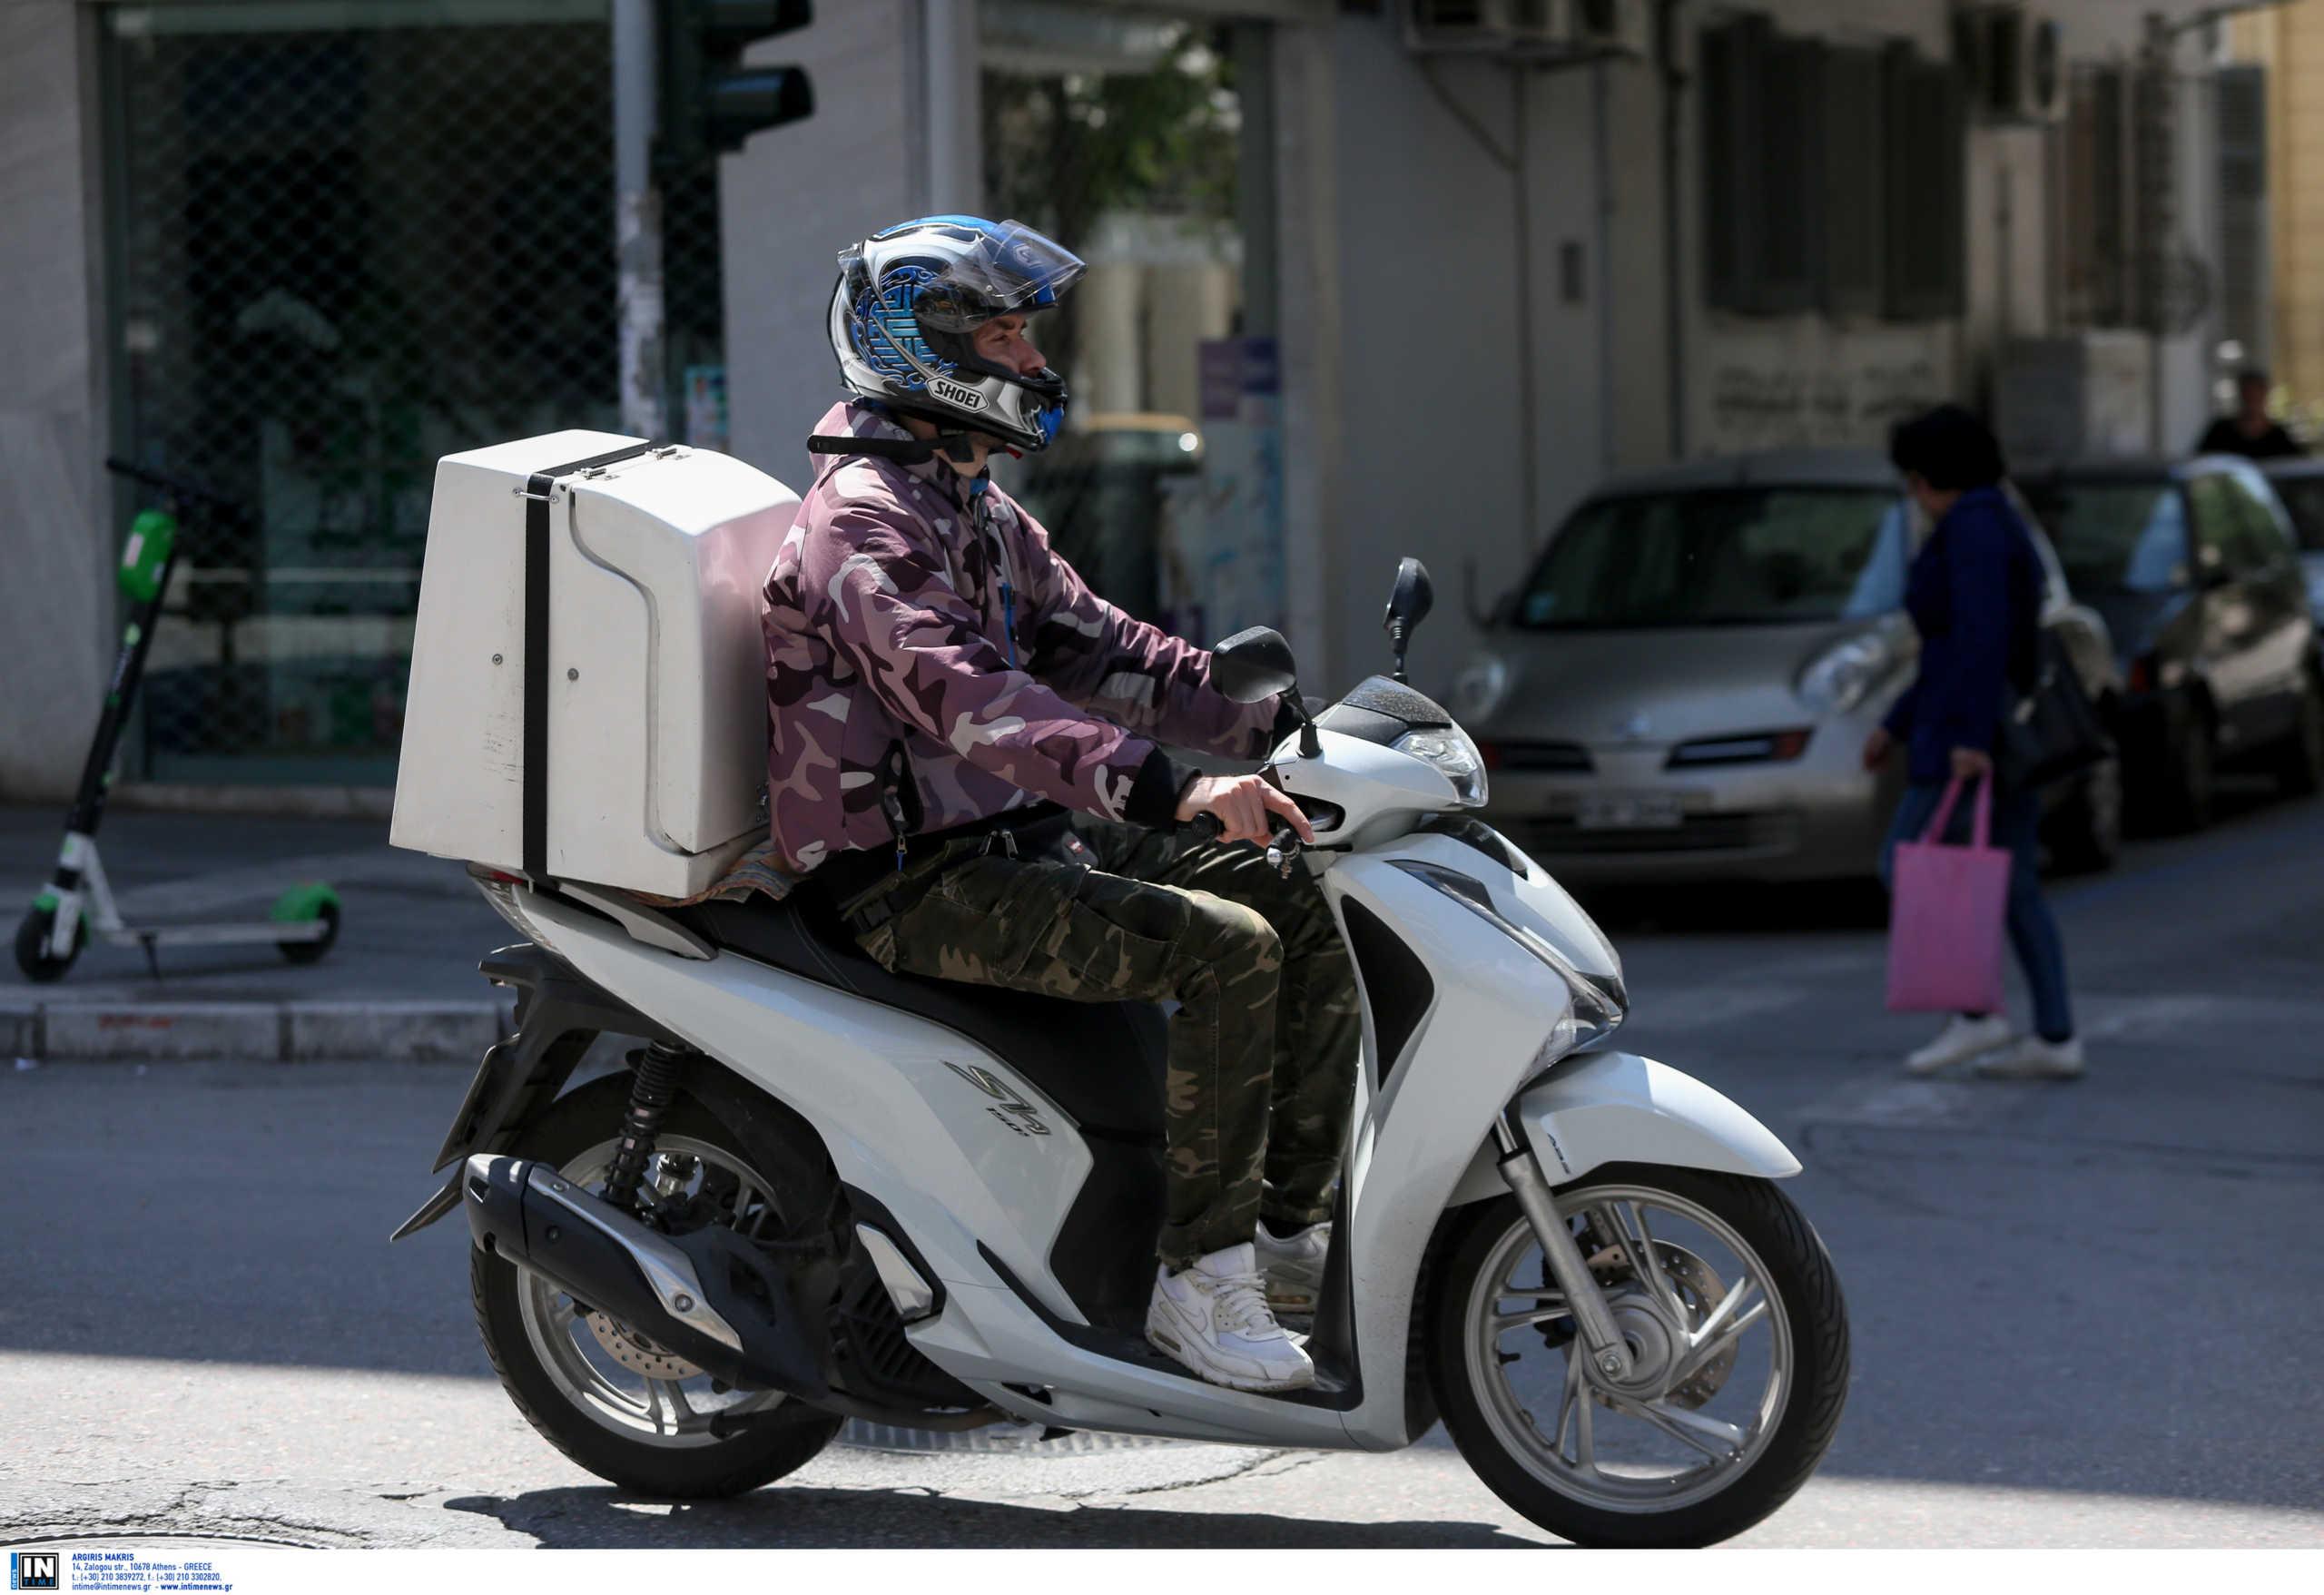 Υπουργείο Εργασίας: Μην θέτετε σε κίνδυνο τους εργαζόμενους σε delivery